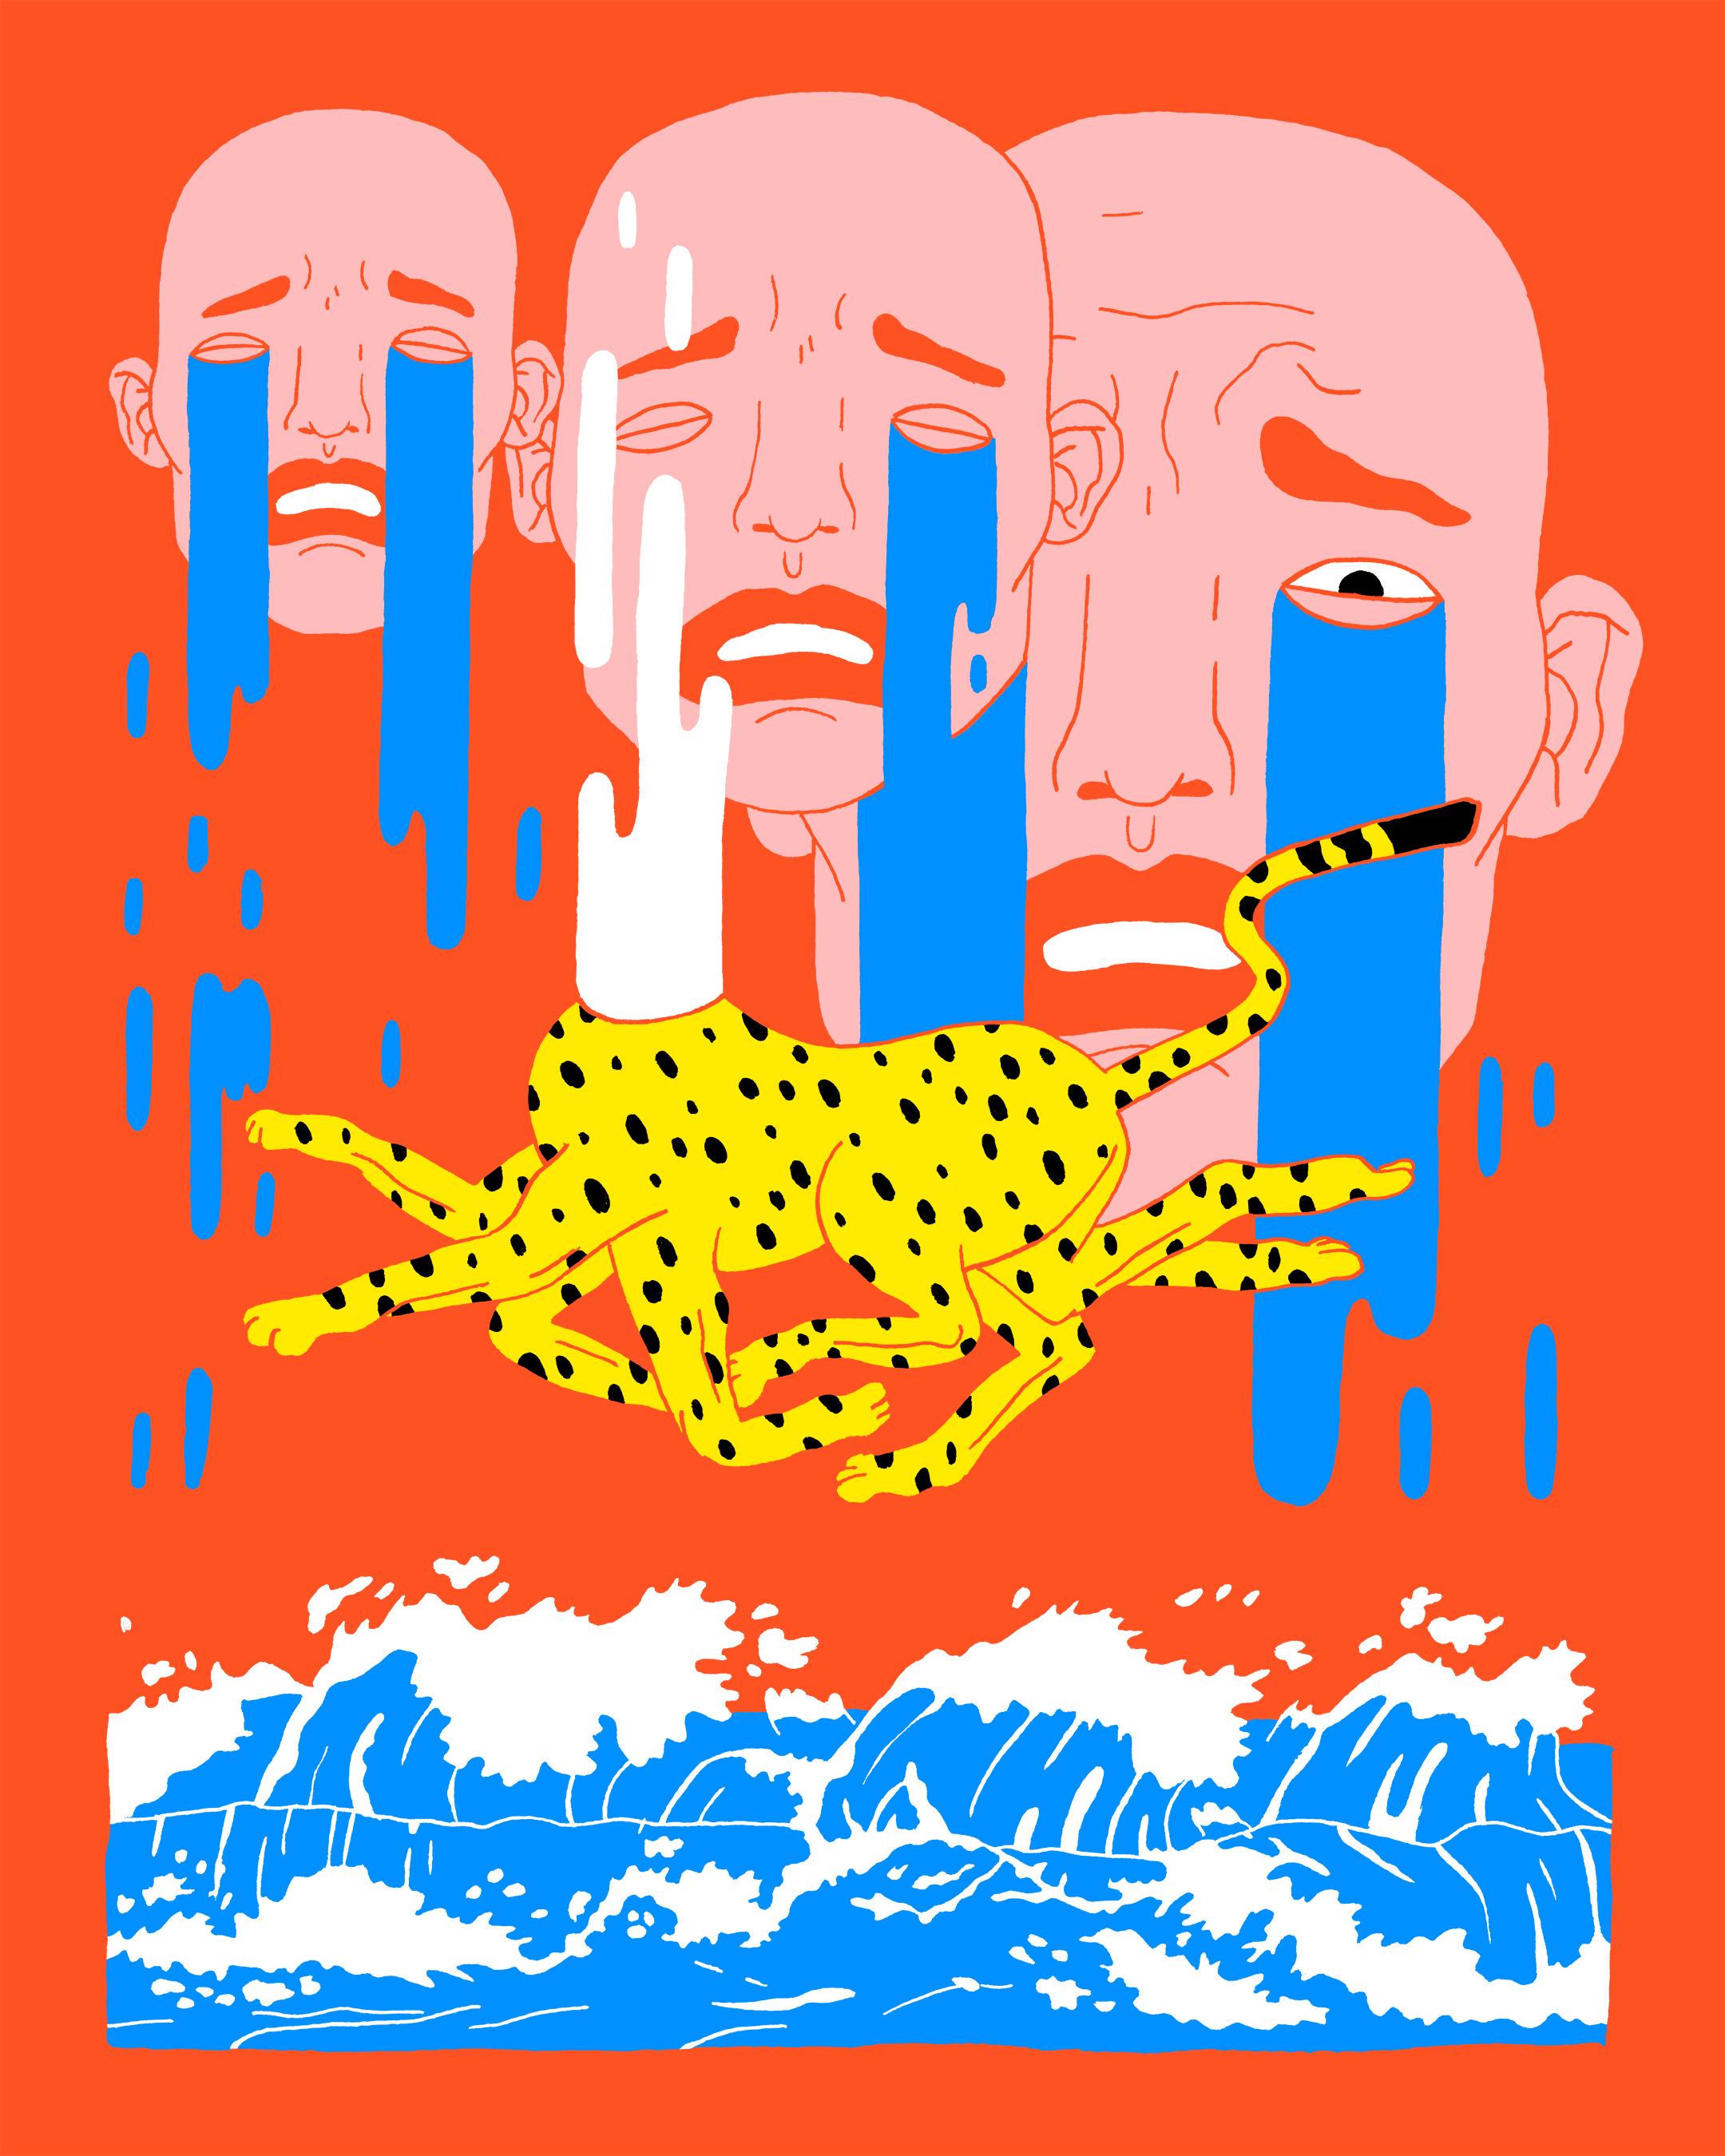 cheetah-tears-waves_insta3.jpg